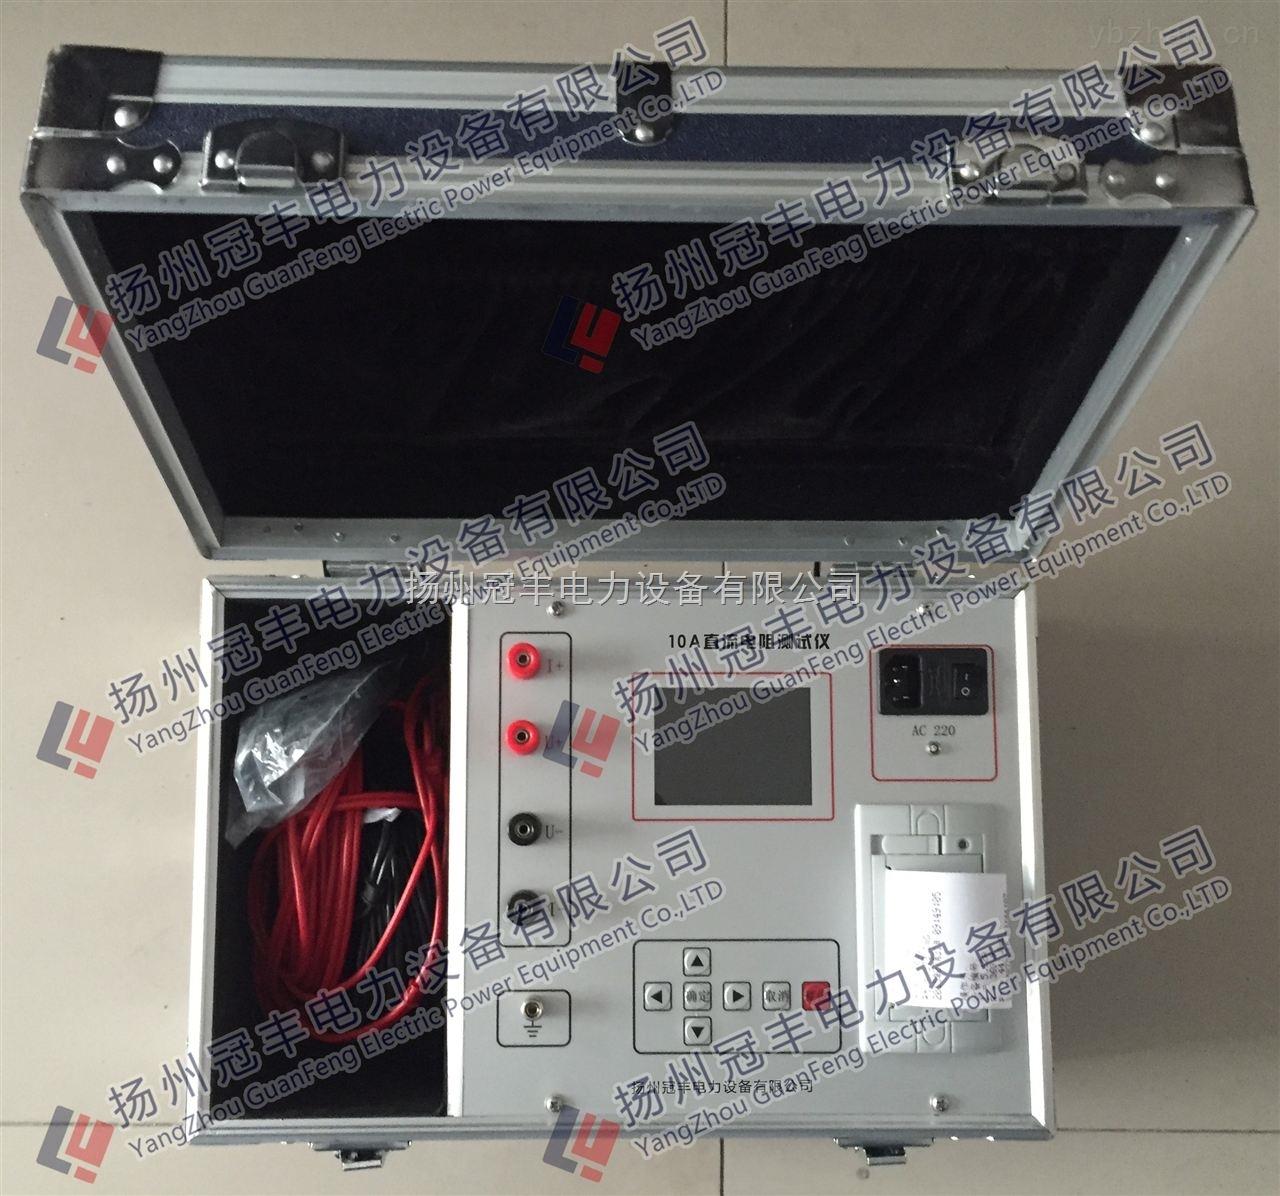 """彩屏感性负载直流电阻测试仪产品操作方法: 1、电阻测量 仪器开机或按复位键后,进入初始状态(1)。此时光标指针指向""""电阻"""",直接按""""确定""""键进入状态(2),显示变化的充电电流和测量时间,充电完成后自动进入状态(3),显示电阻值、测量电流和测量时间,此时每按一次""""确定""""键则储存一次测量结果(带打印机的机型同时打印出测量结果)。按""""复位""""键退出电阻测量,进入状态(4),显示放电电流。放电结束后,自动回到初始状态(1"""